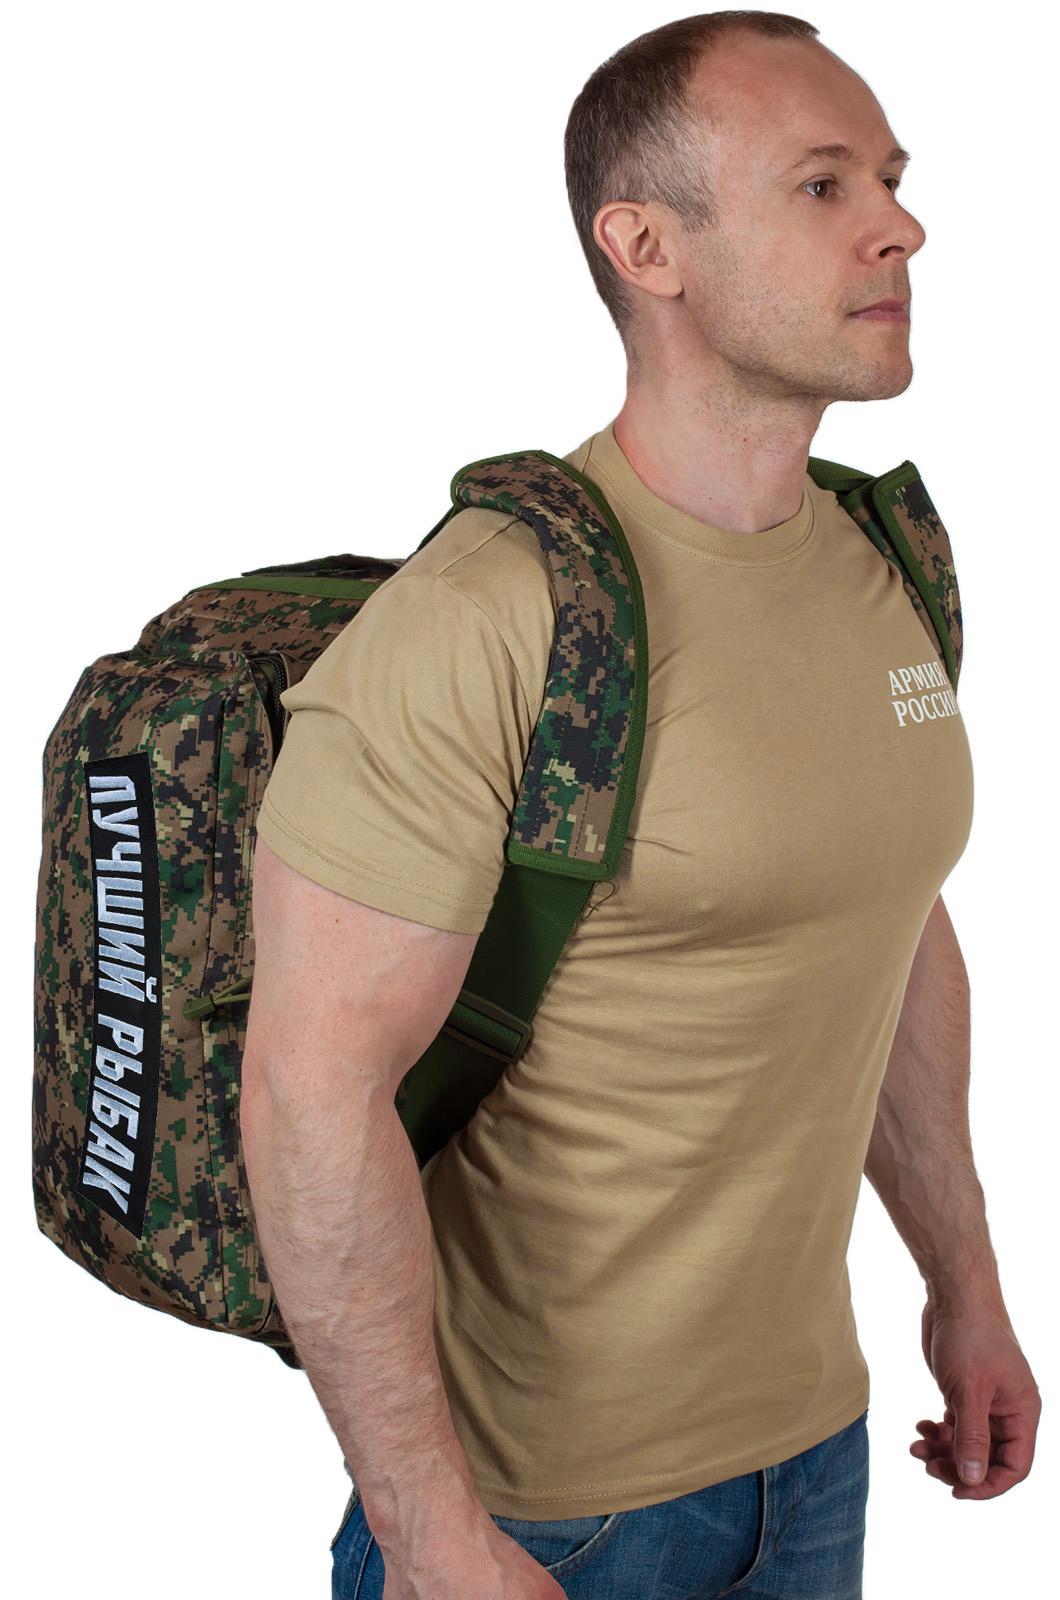 Армейская дорожная сумка с нашивкой Лучший Рыбак - купить выгодно